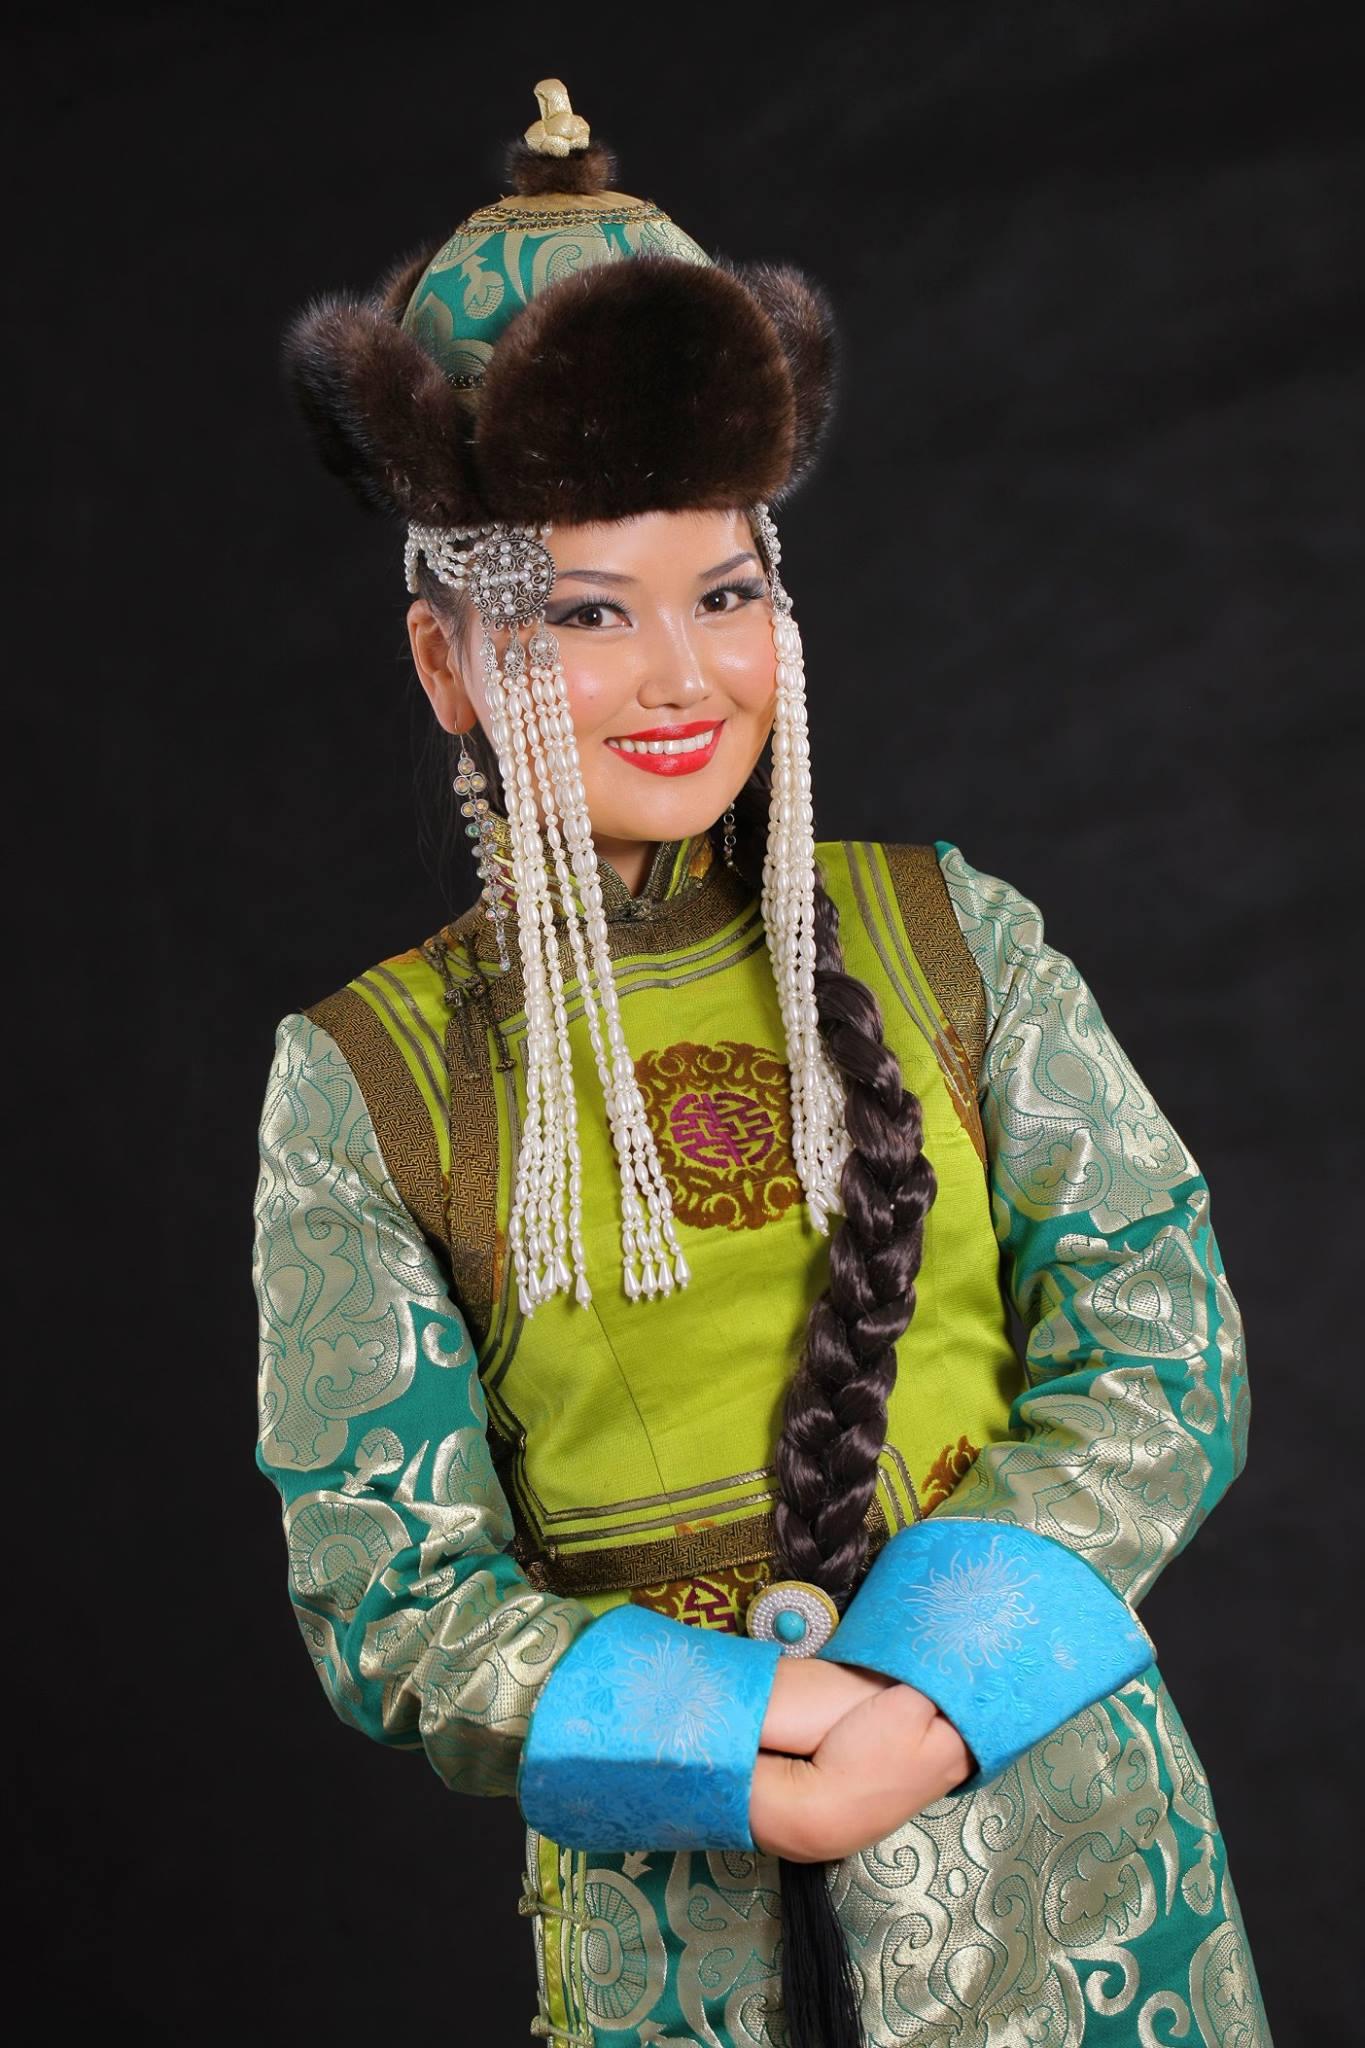 ЭХ ОРНЫ ДУУН - Монголын нэрт хөгжмийн зохиолчдийн ДУУНЫ БҮТЭЭЛ-үүд эгшиглэнэ